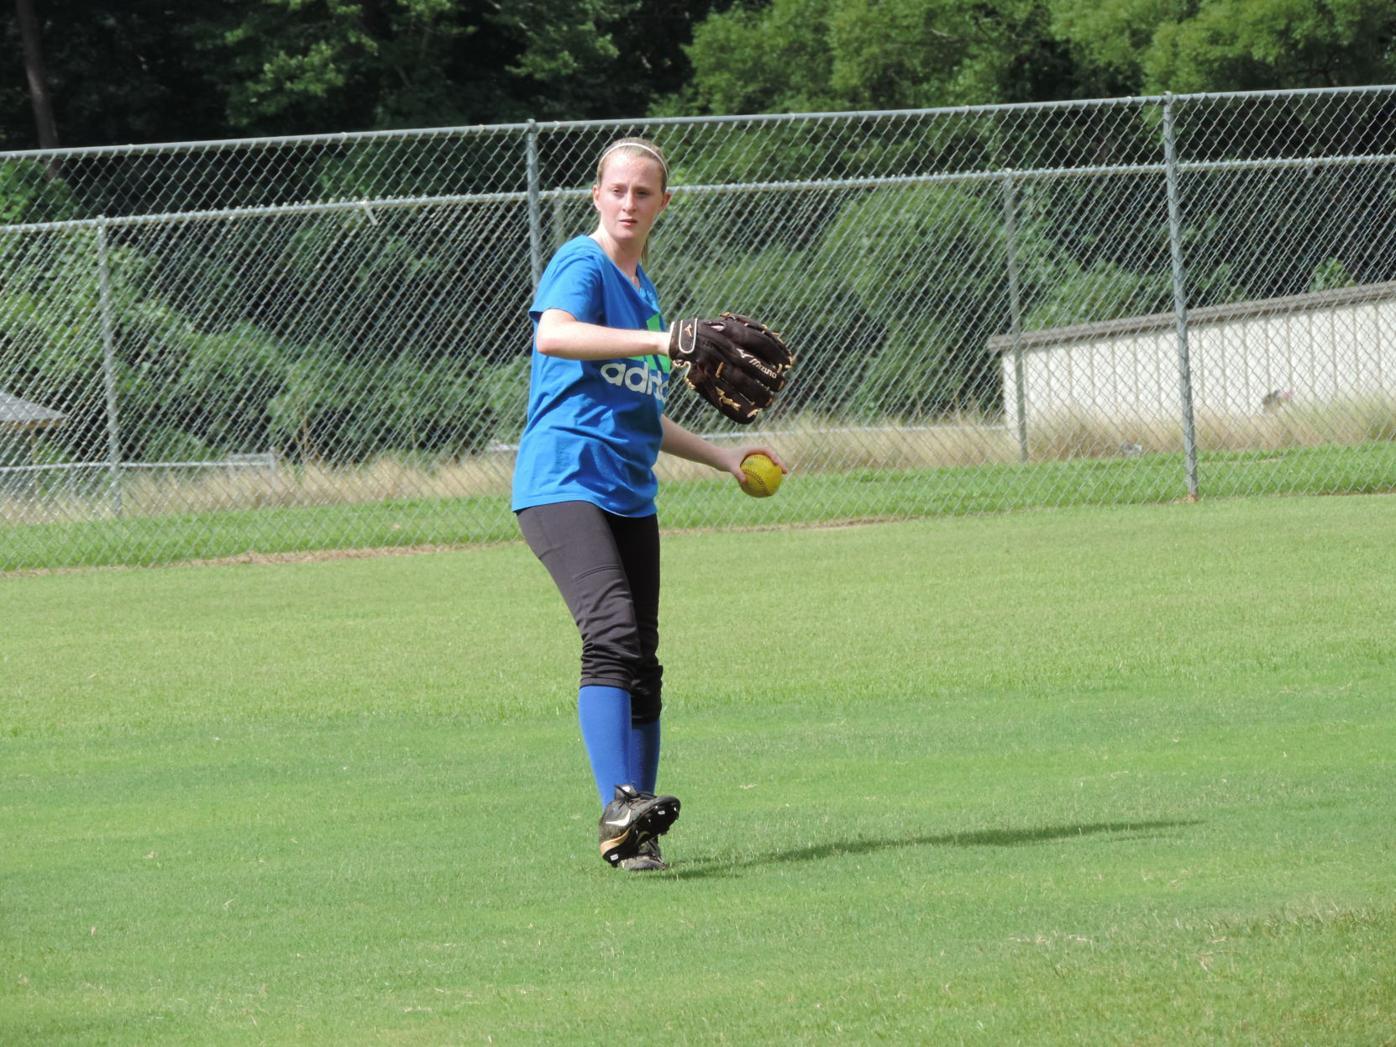 Lithia Springs softball Haley Overton